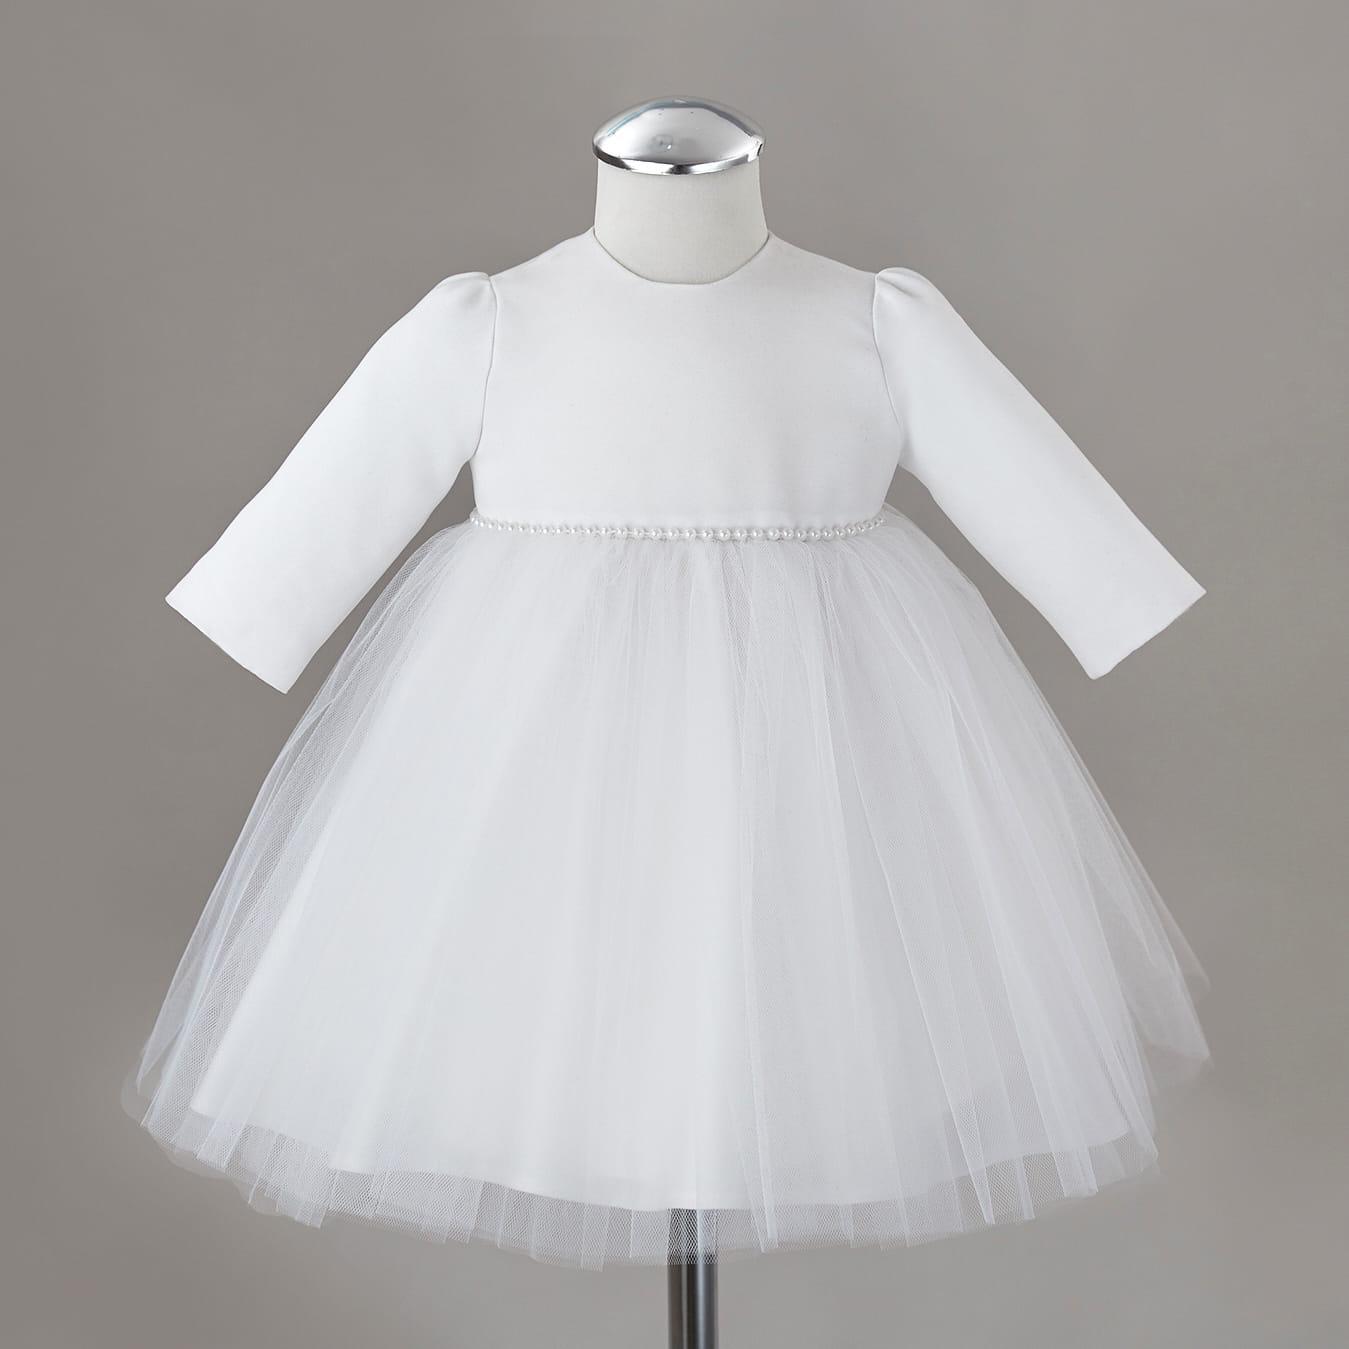 4ec8bc4500 ANNA sukienka wizytowa do chrztu dla dziewczynki Świat sukienek ...